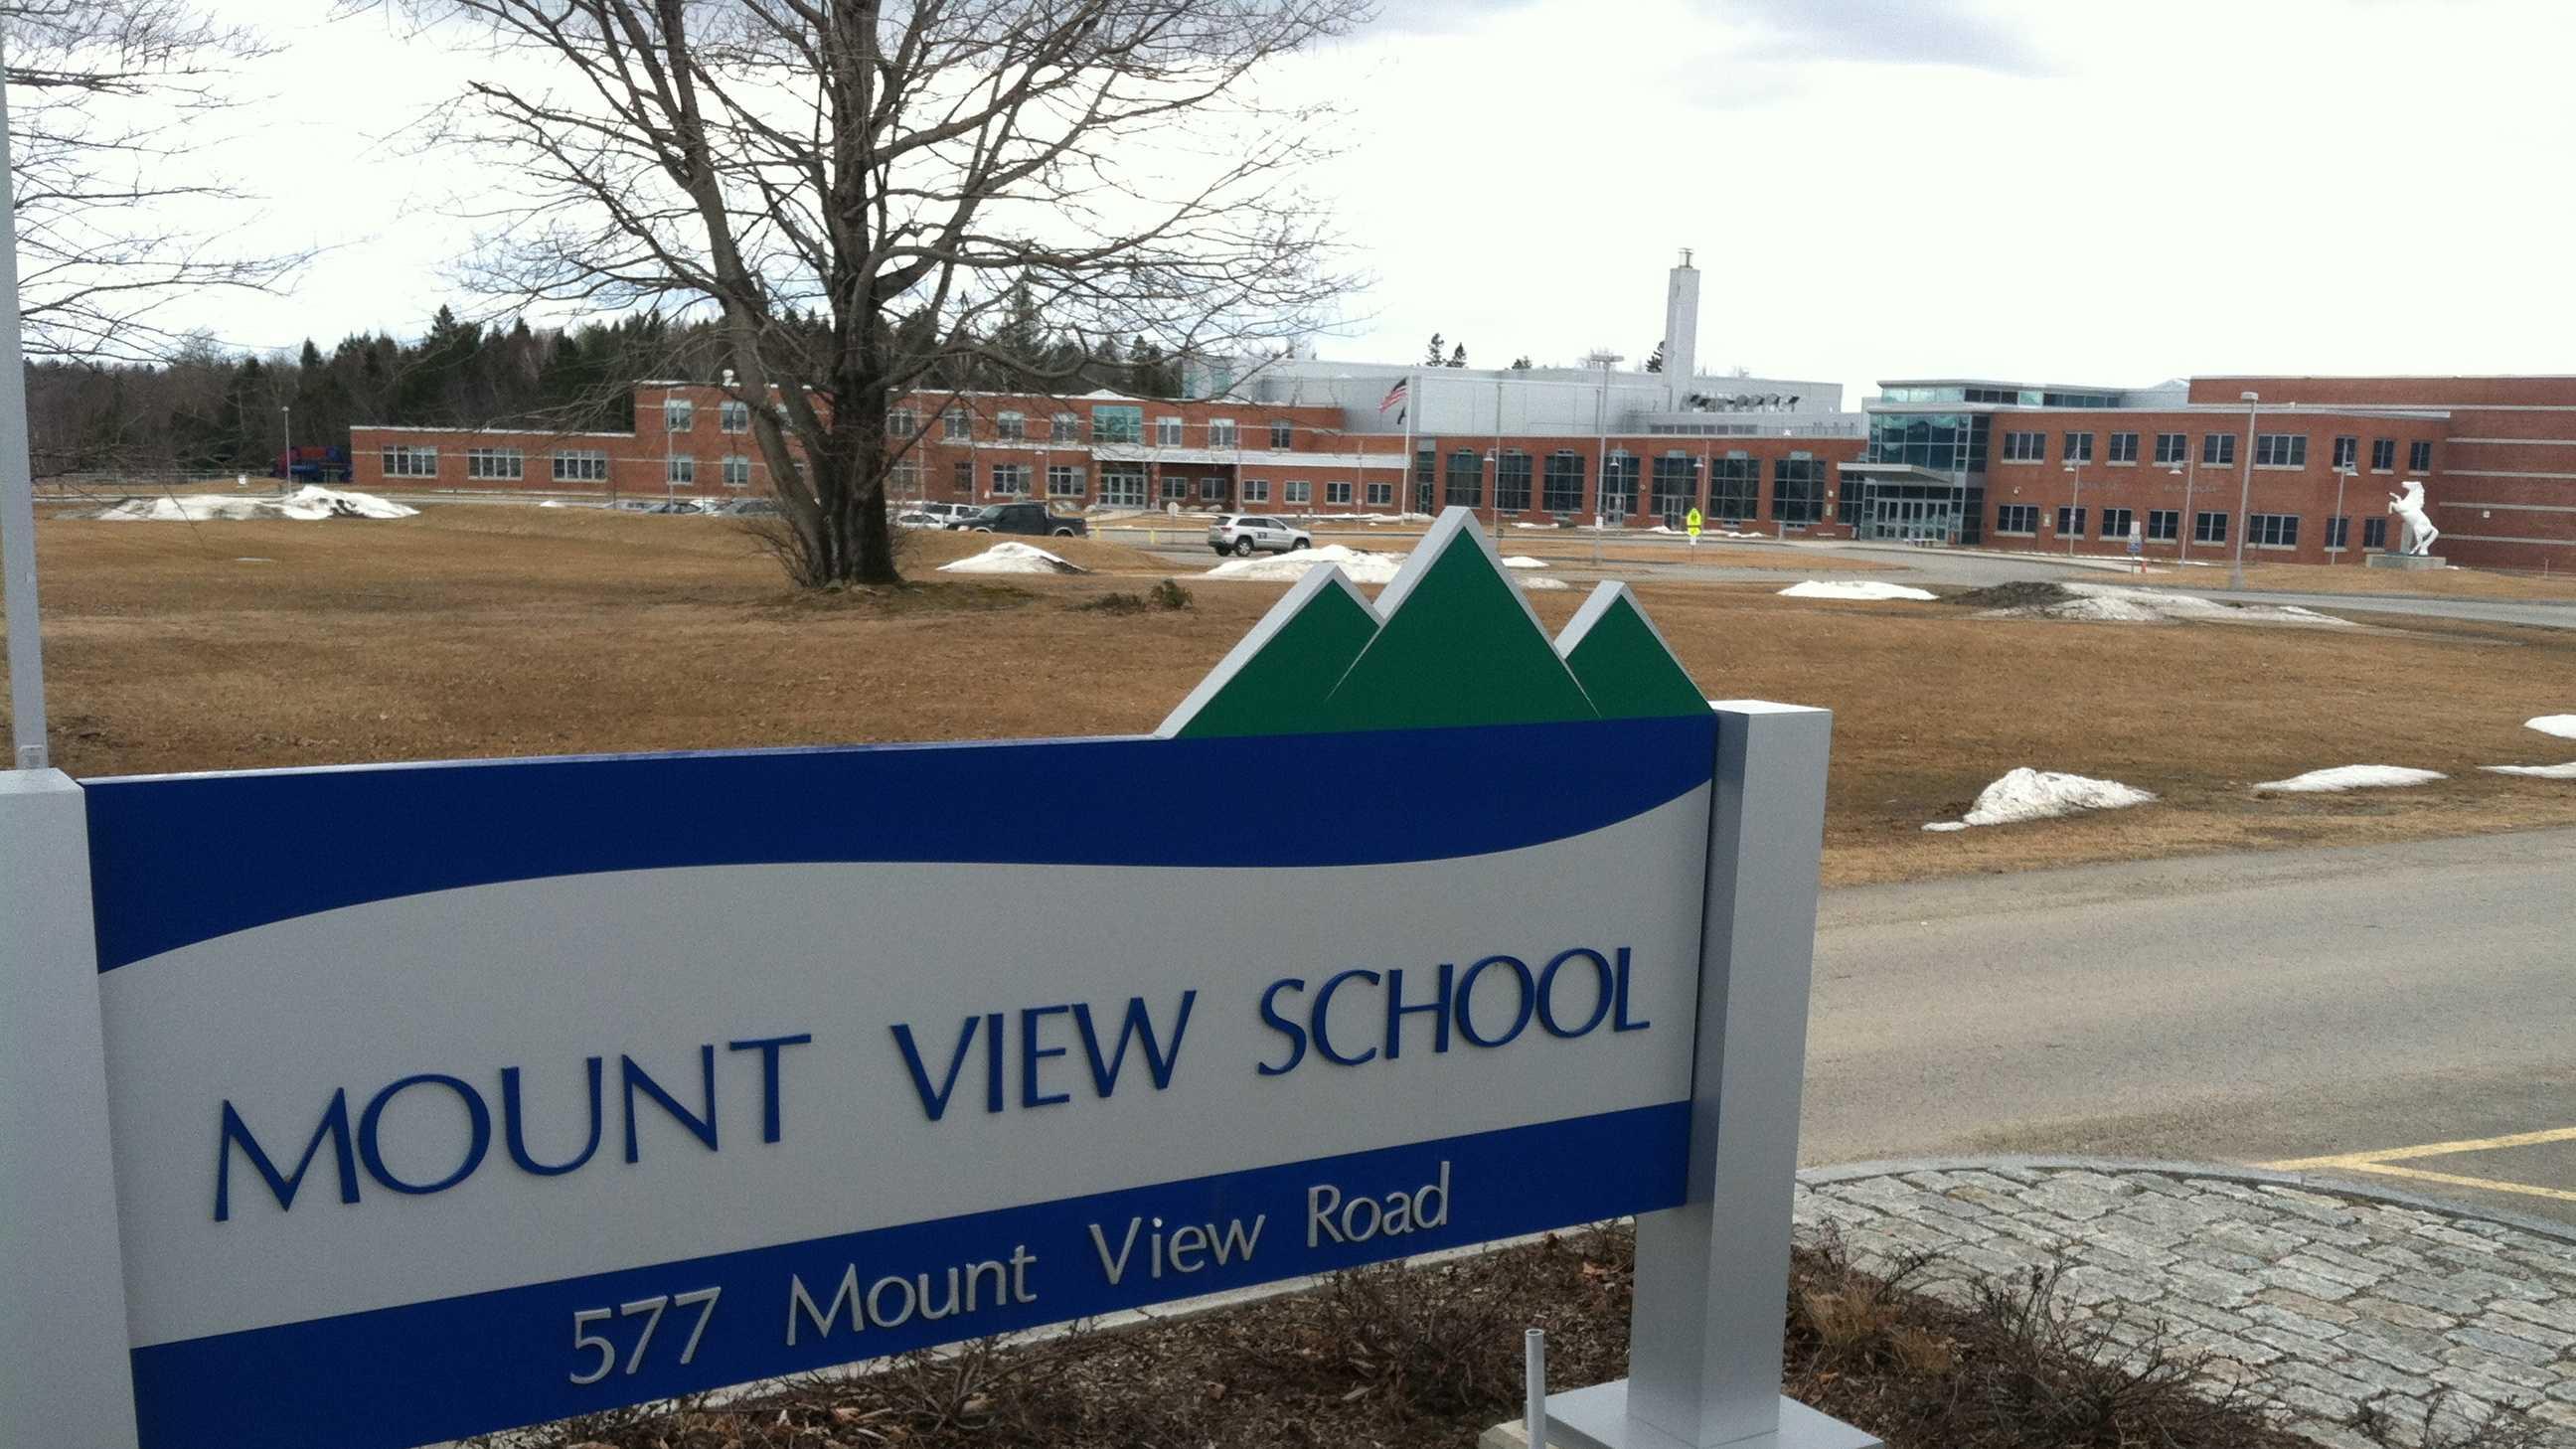 Mount View School